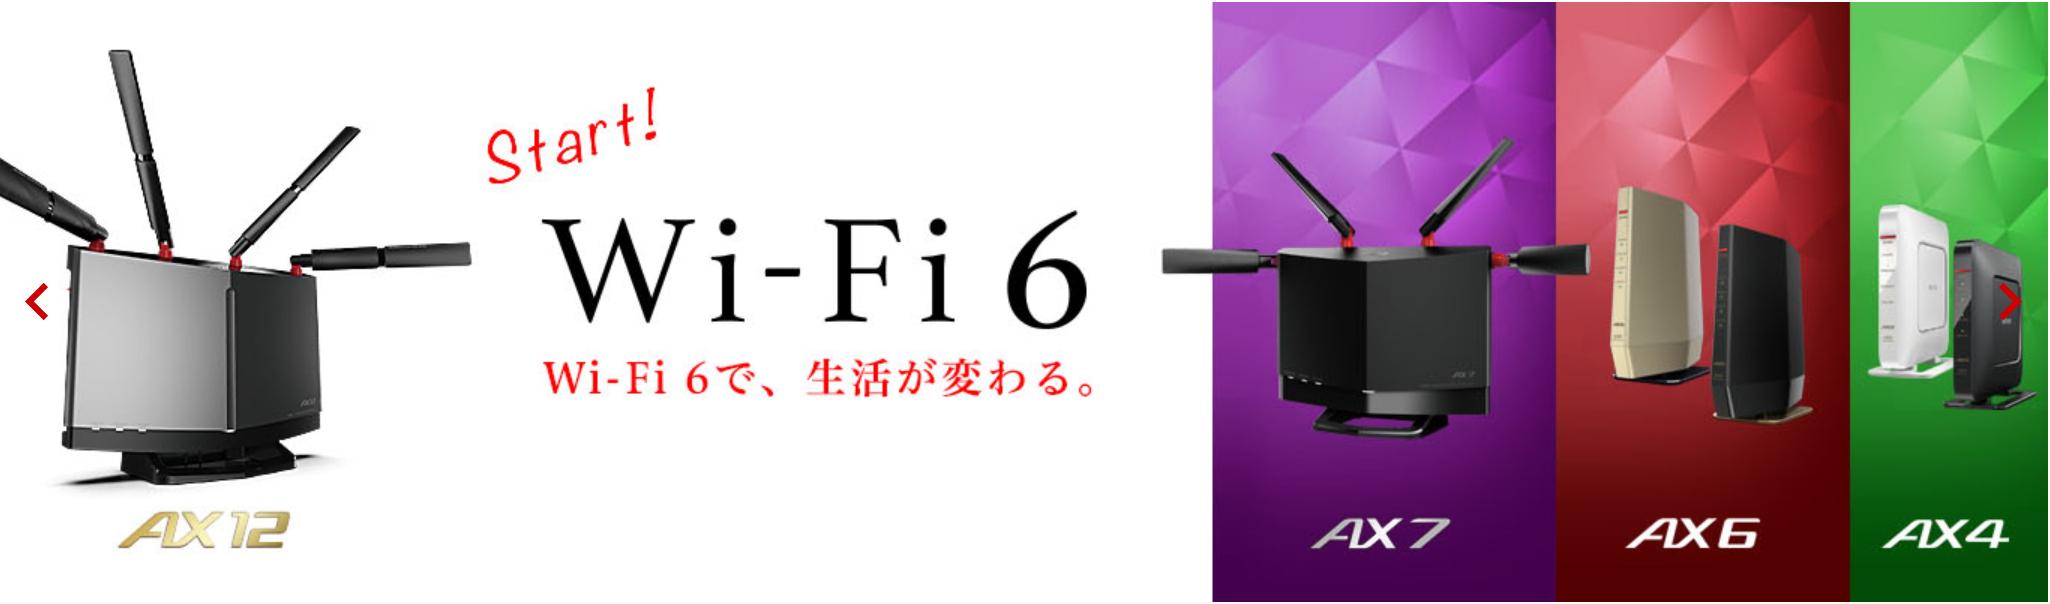 buffalo-wi-fi6